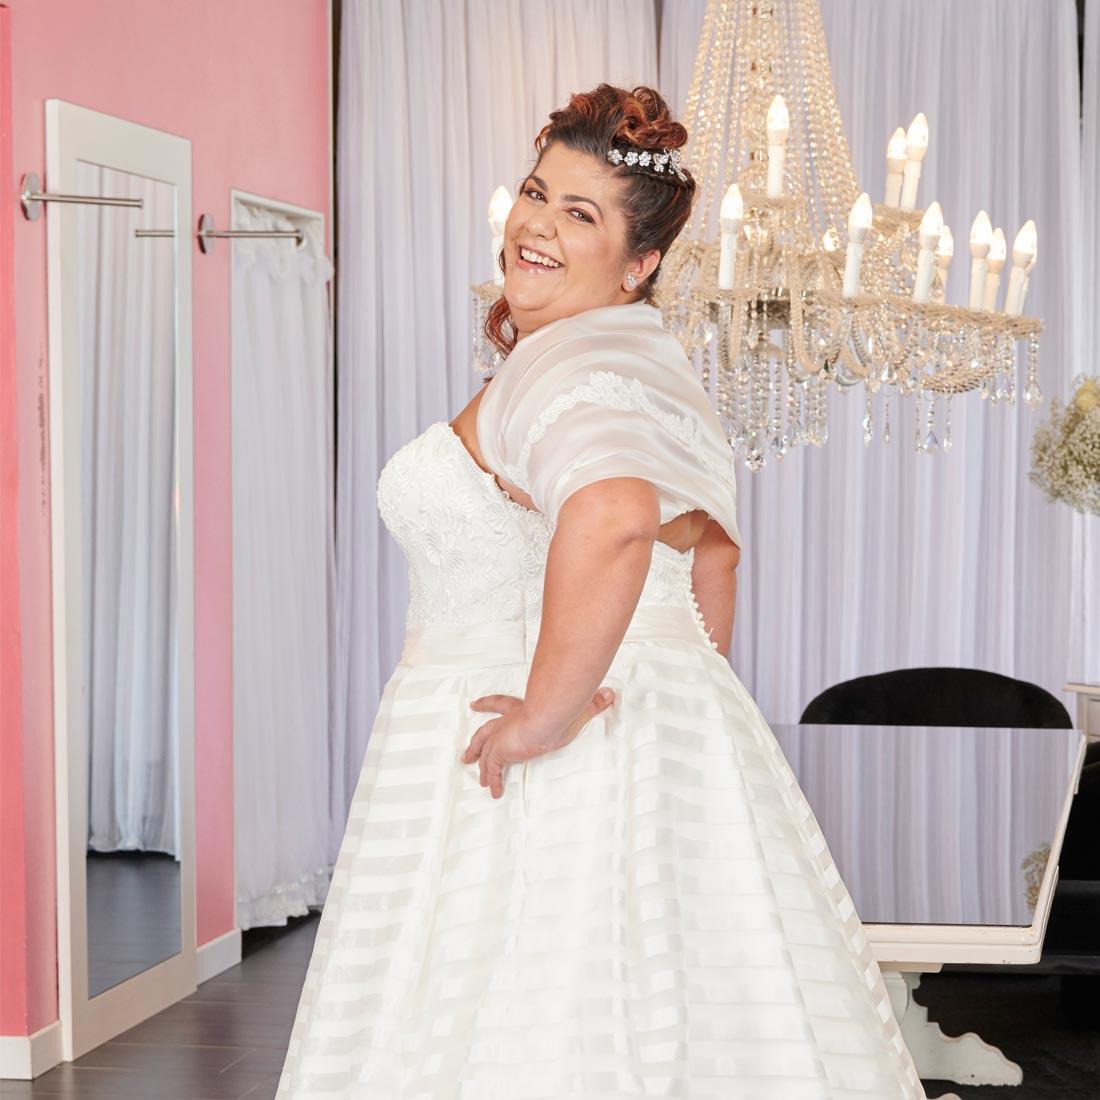 Vestiti Da Sposa Taglie Forti.Abiti Da Sposa Per Spose Taglie Forti Consigli E Segreti Per Le